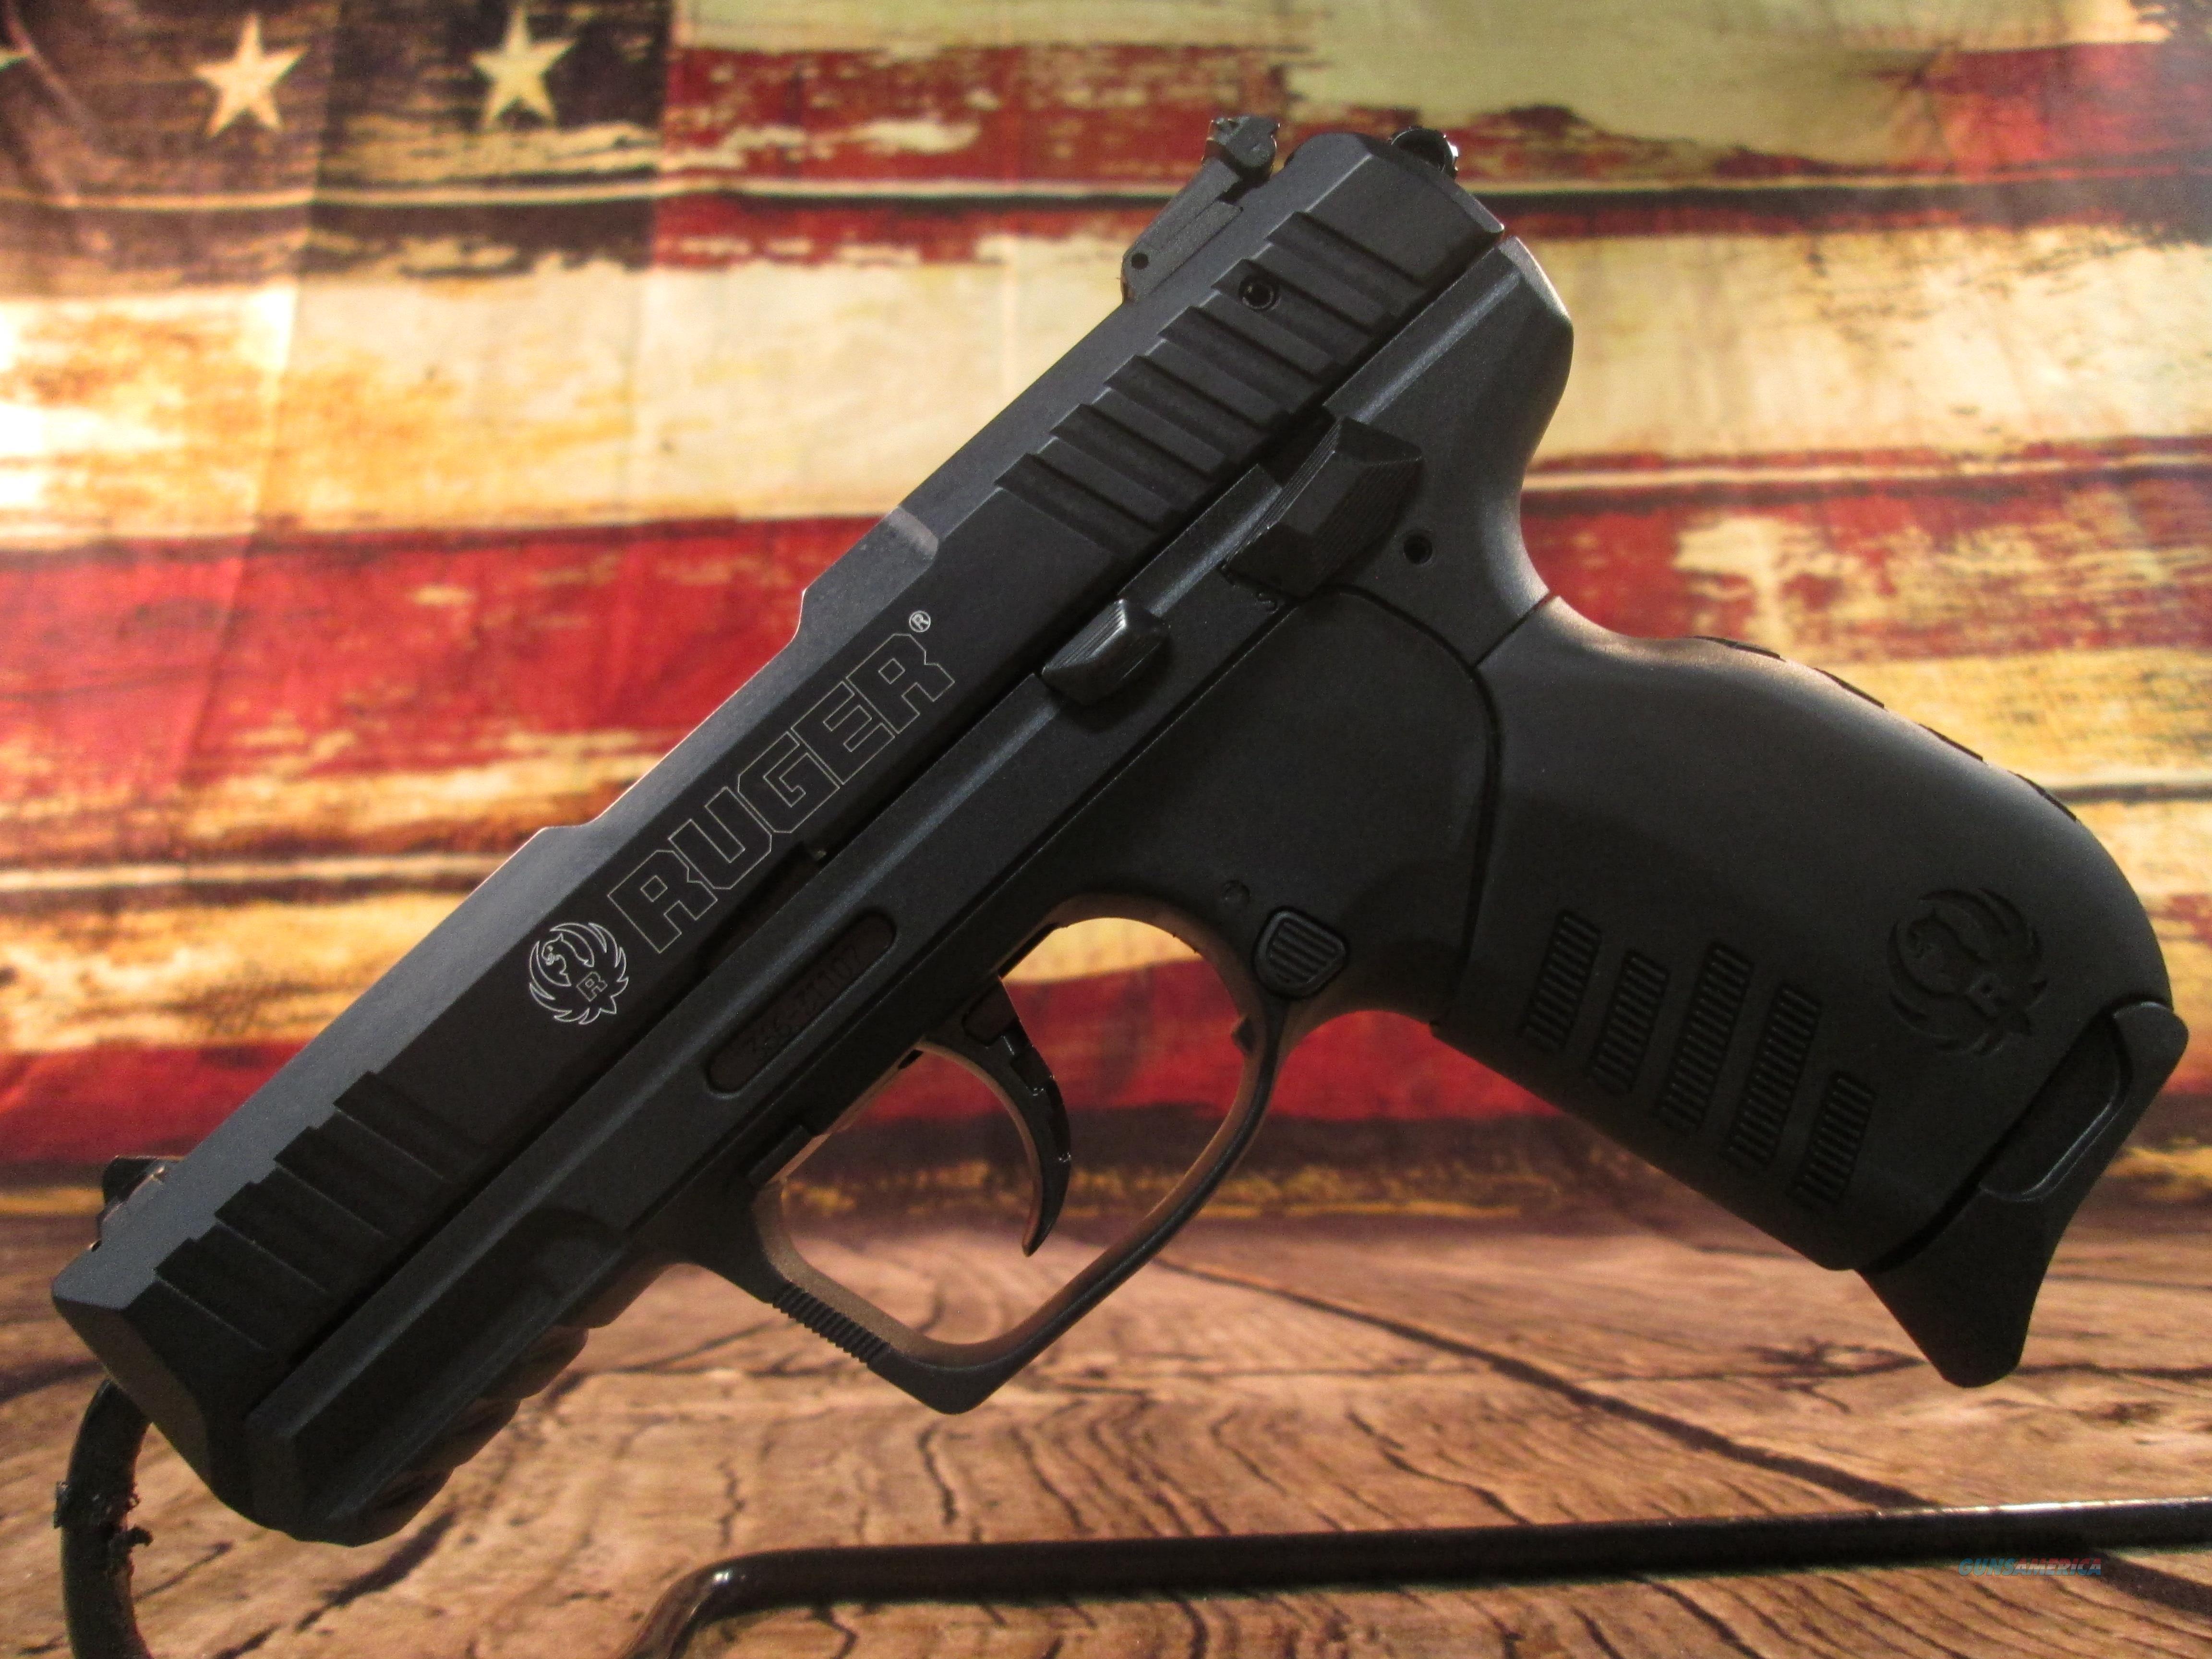 RUGER SR22 PISTOL 22LR  NEW(3600)  Guns > Pistols > Ruger Semi-Auto Pistols > SR Family > SR22